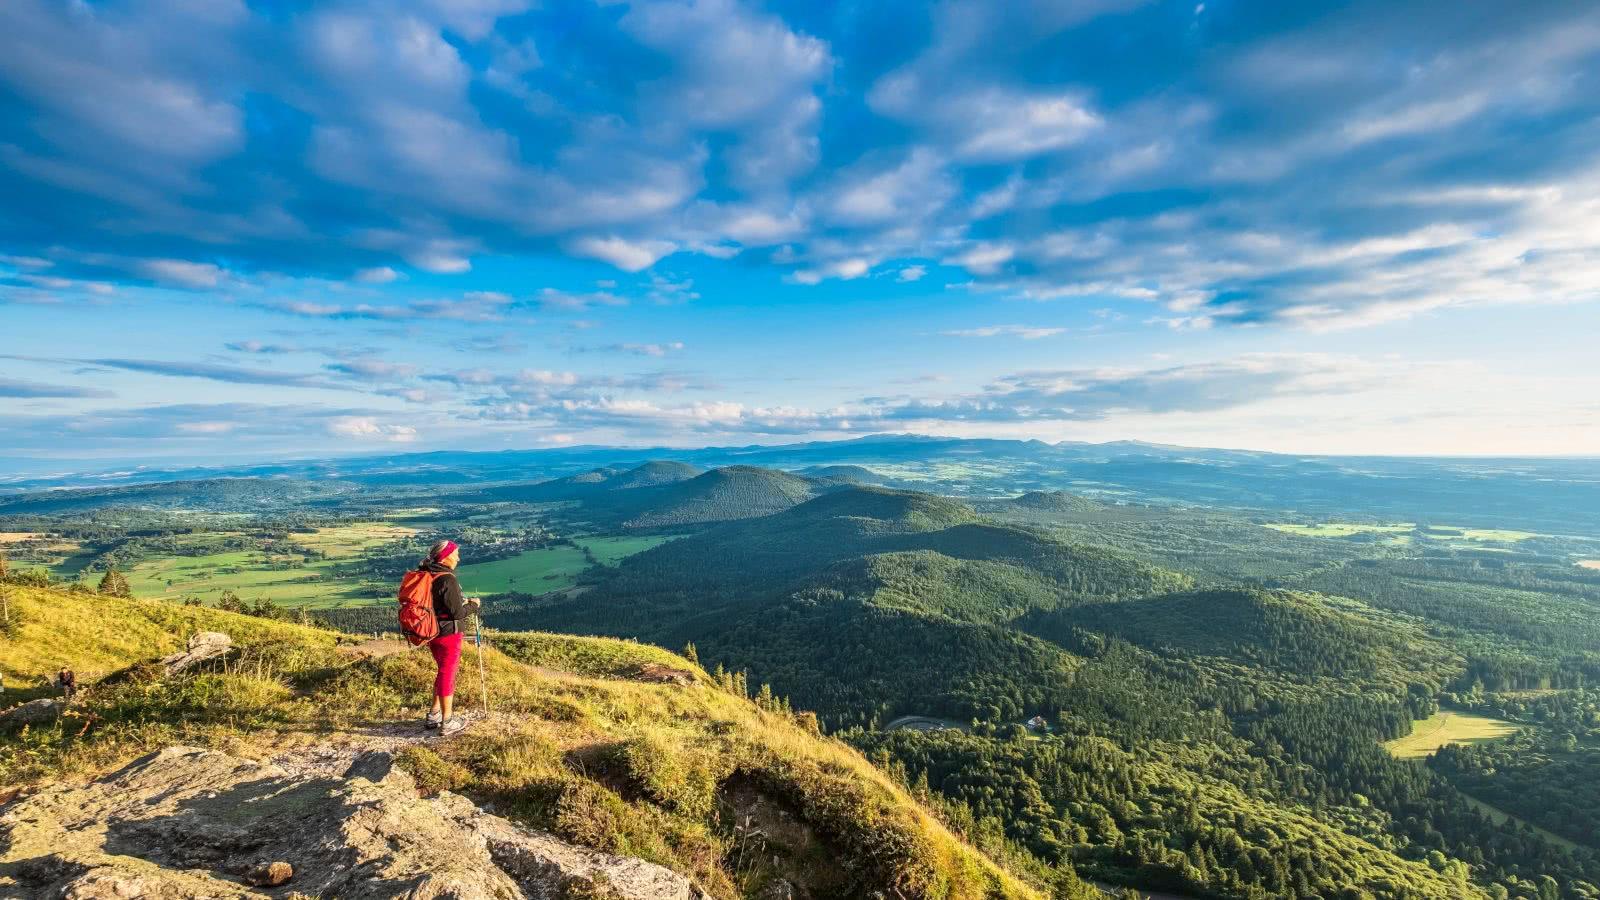 France, Puy-de-Dôme (63), zone classée Patrimoine Mondial de l'UNESCO, Parc naturel régional des volcans d'Auvergne, panorama sur la Chaîne des Puys depuis le Puy de Dôme (alt :1465m)